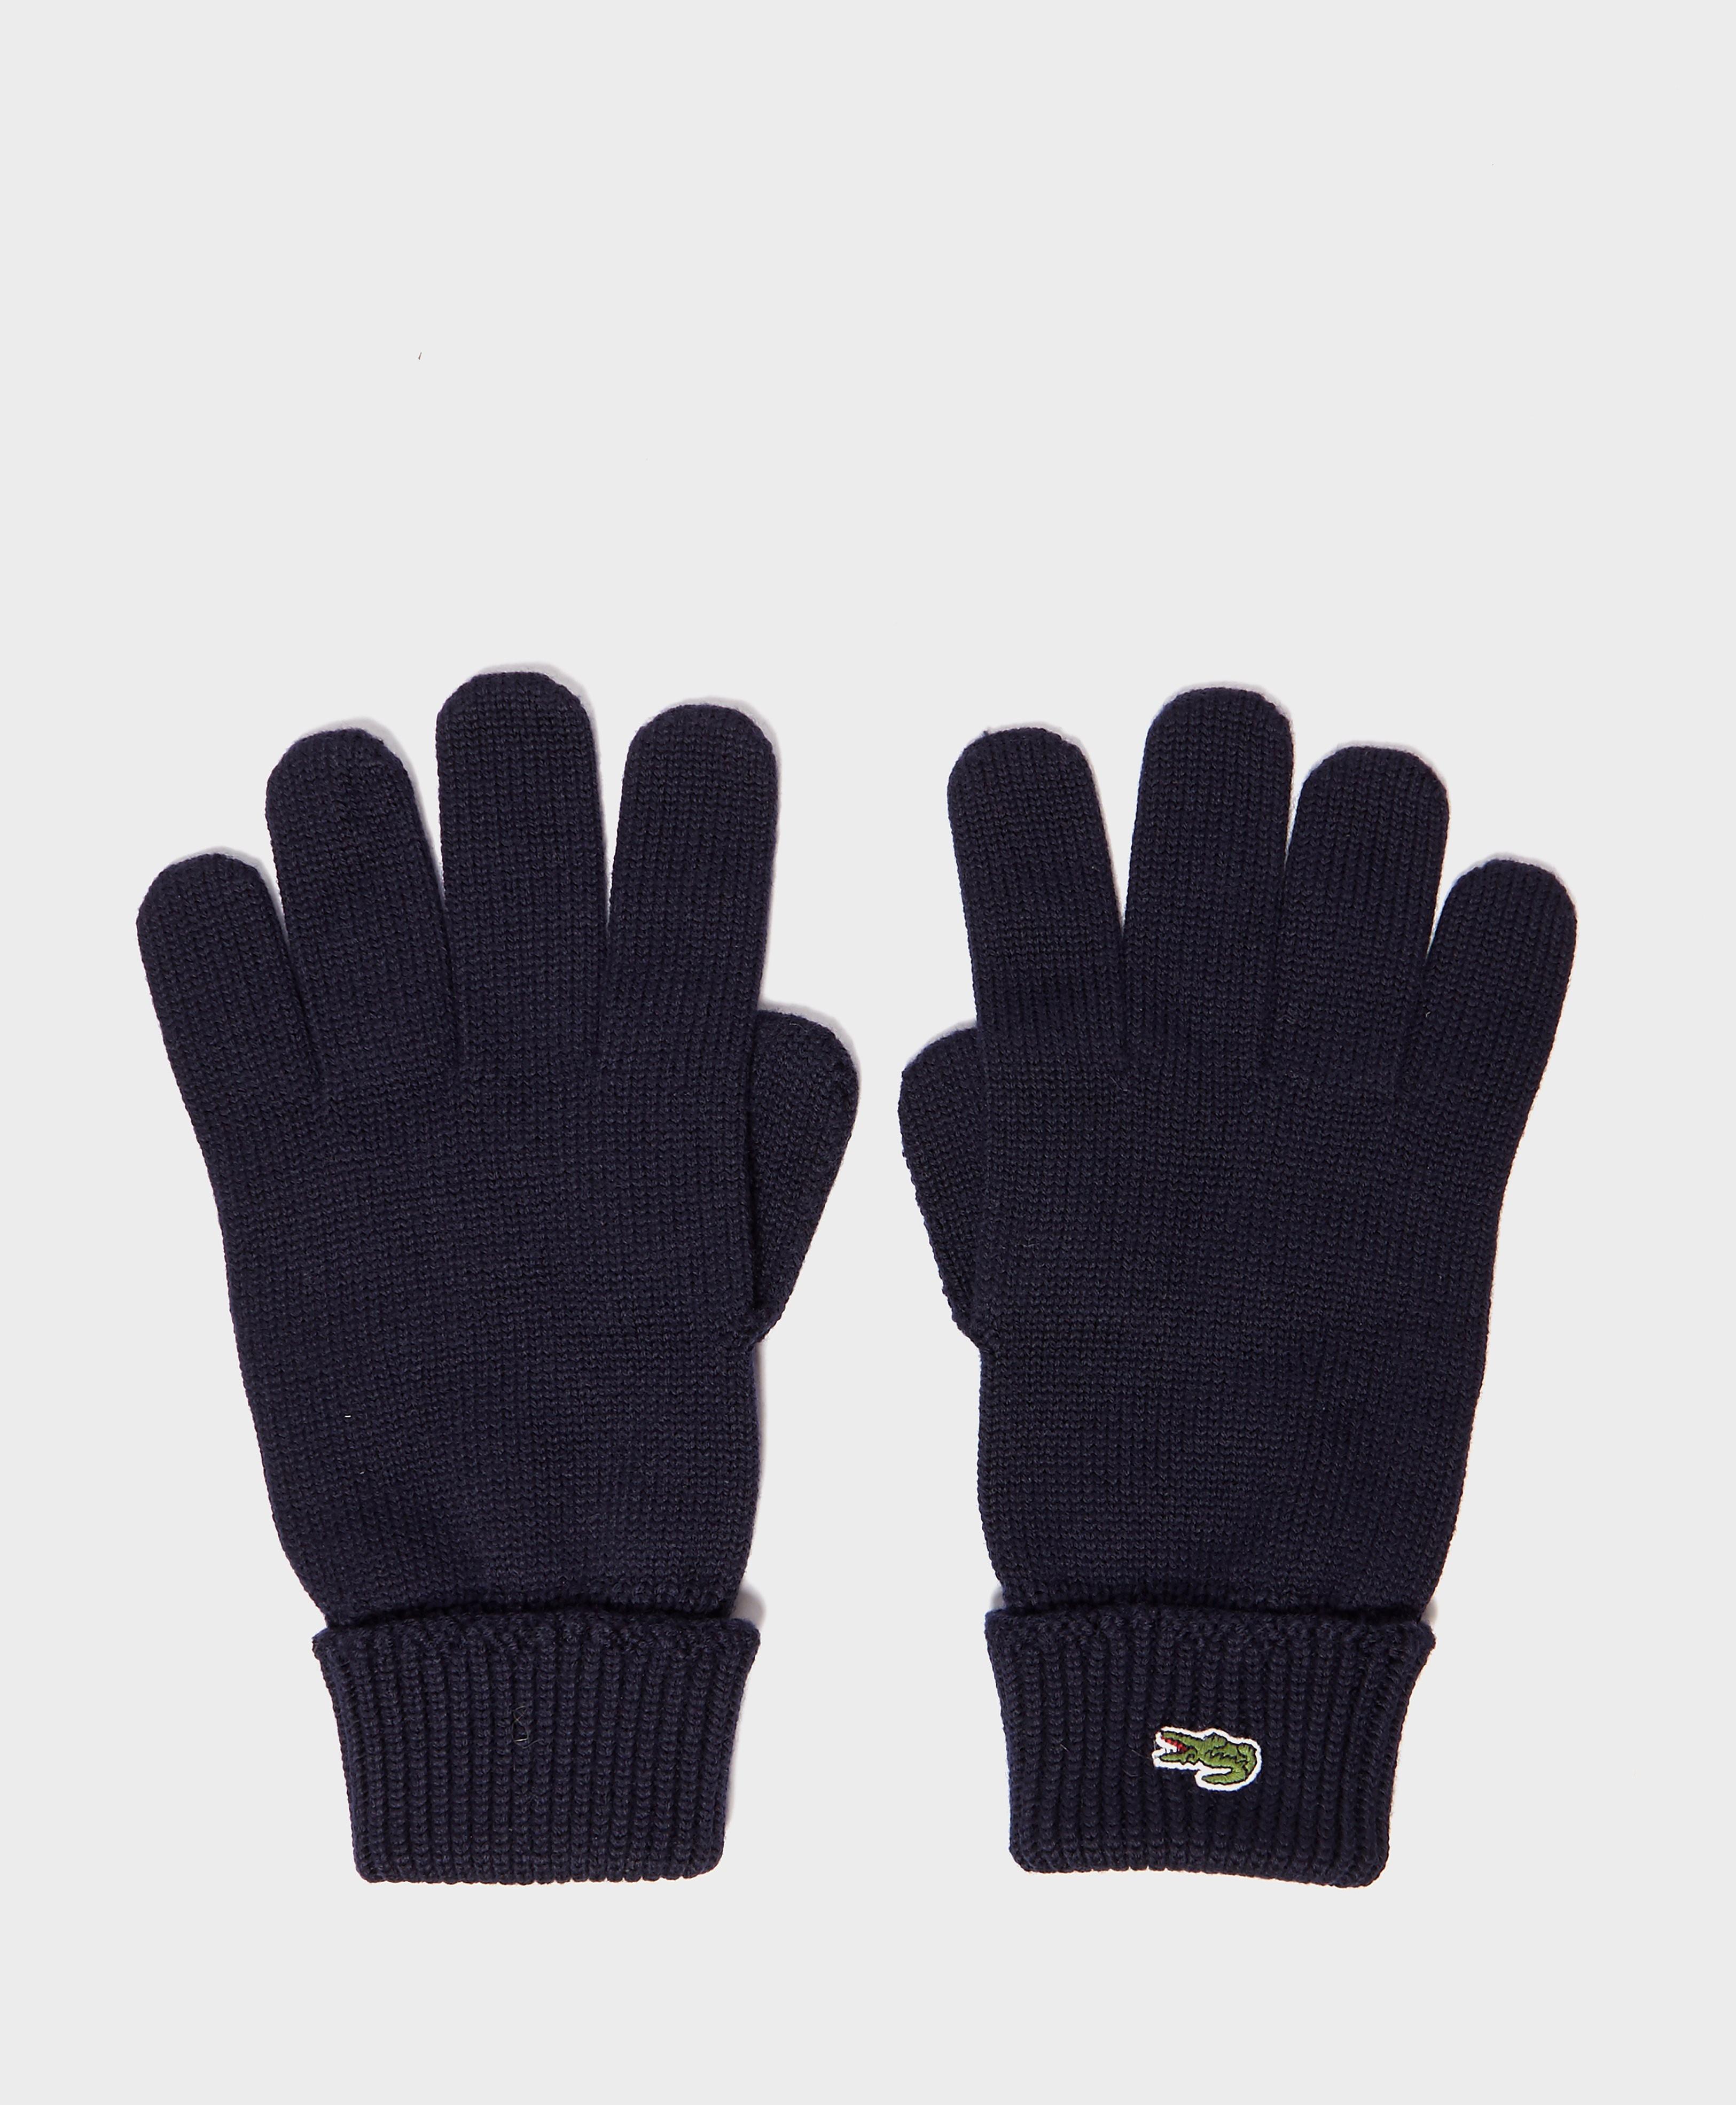 Lacoste Rib Glove